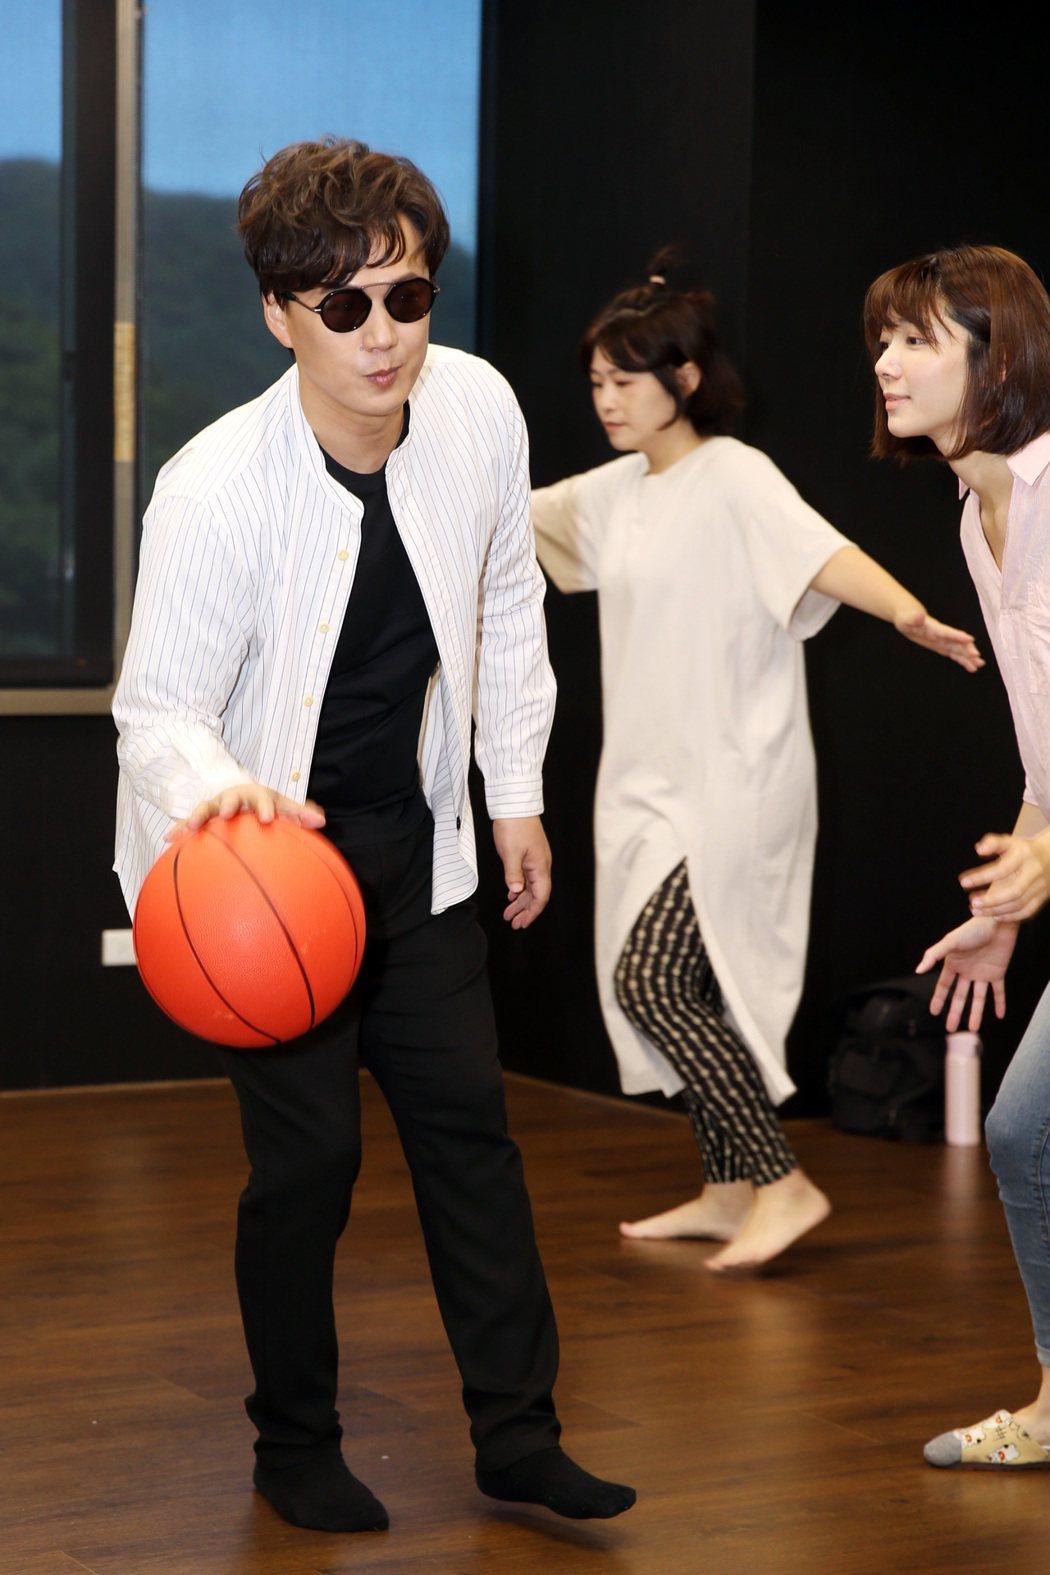 蕭煌奇主演舞台劇「遇見自己」。記者曾吉松/攝影